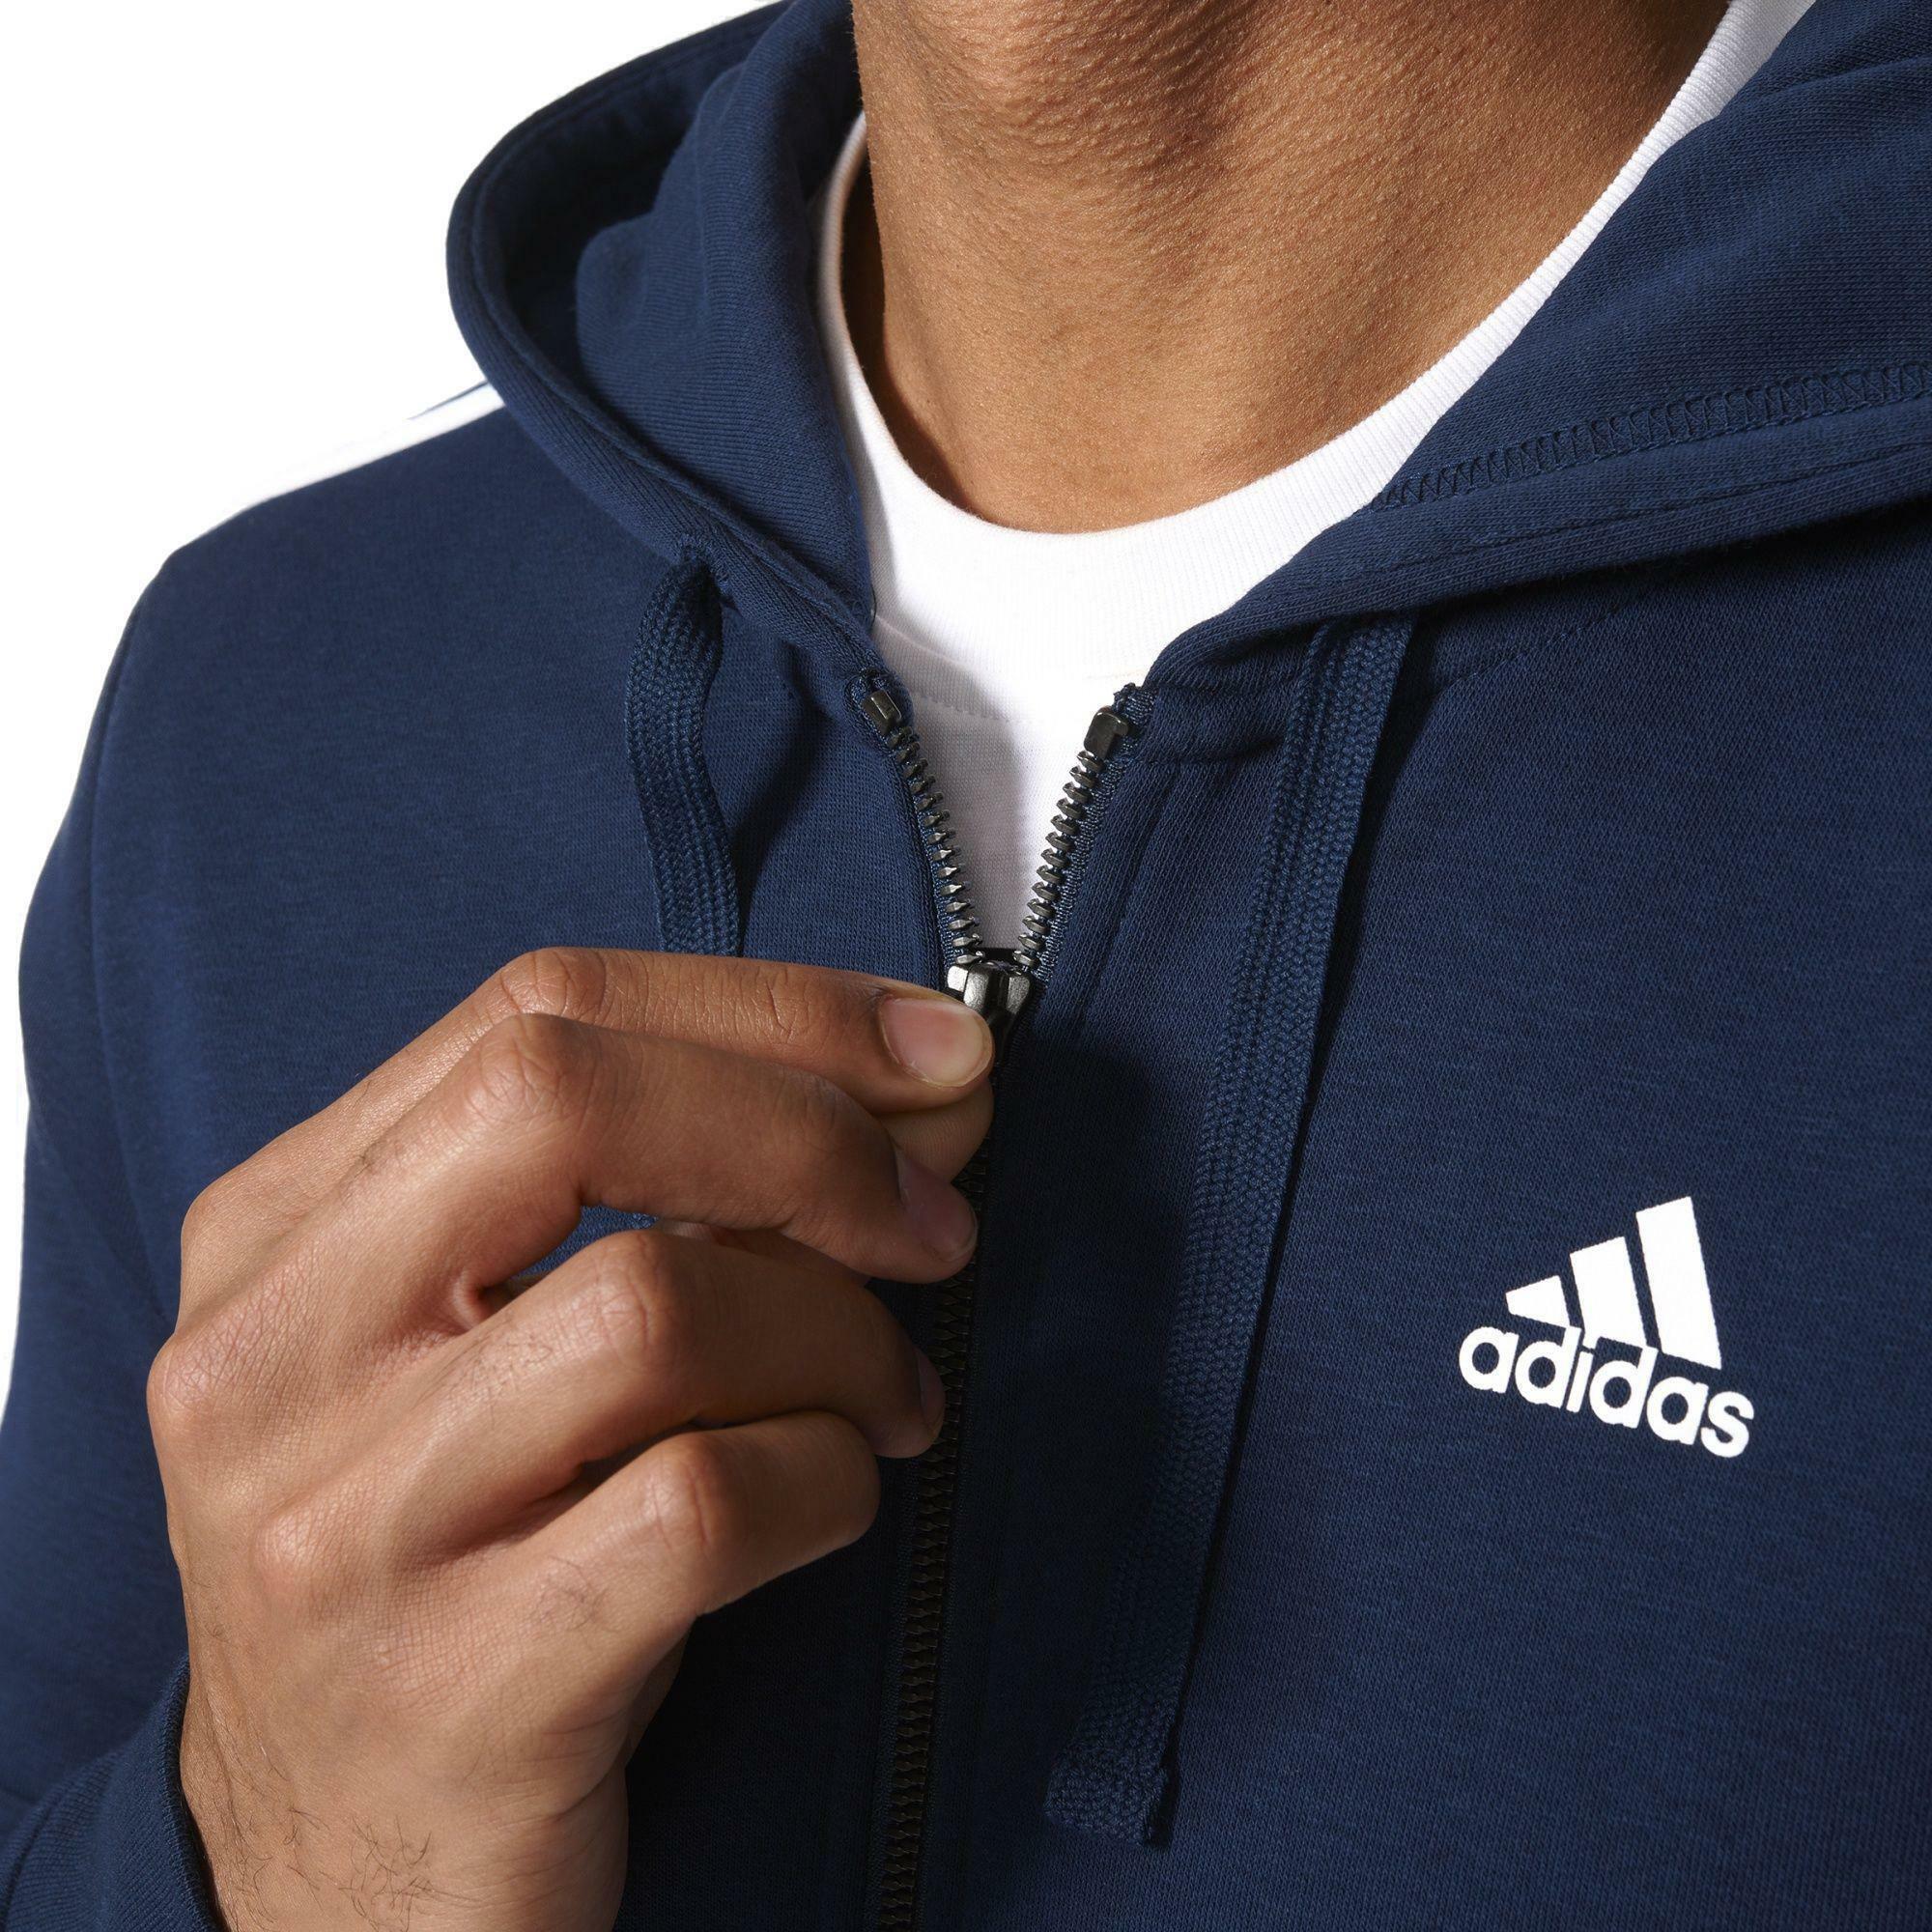 adidas adidas ess 3s fz ft giacchetto uomo blu s98787